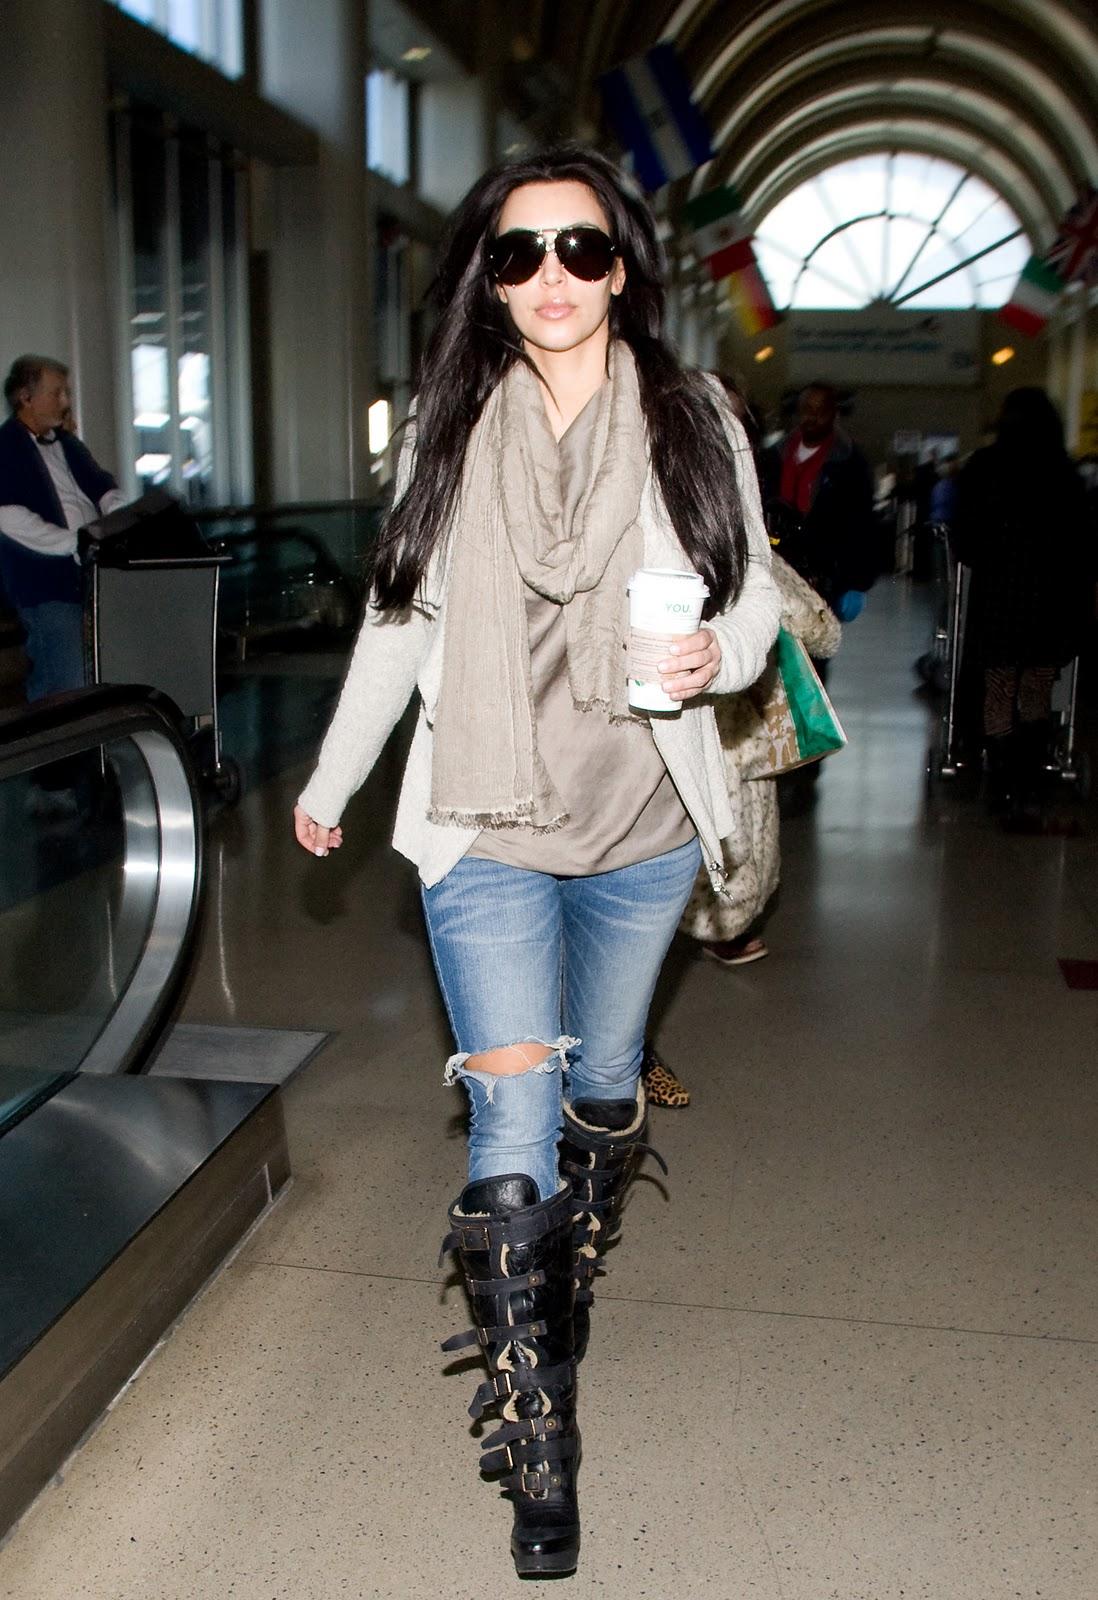 http://1.bp.blogspot.com/-FxKnWk0BuLk/TVy35s7TY0I/AAAAAAAAB4I/jSP7wcKPsMQ/s1600/la+modella+mafia+Kim+Kardashian+jocked+accessories.jpg